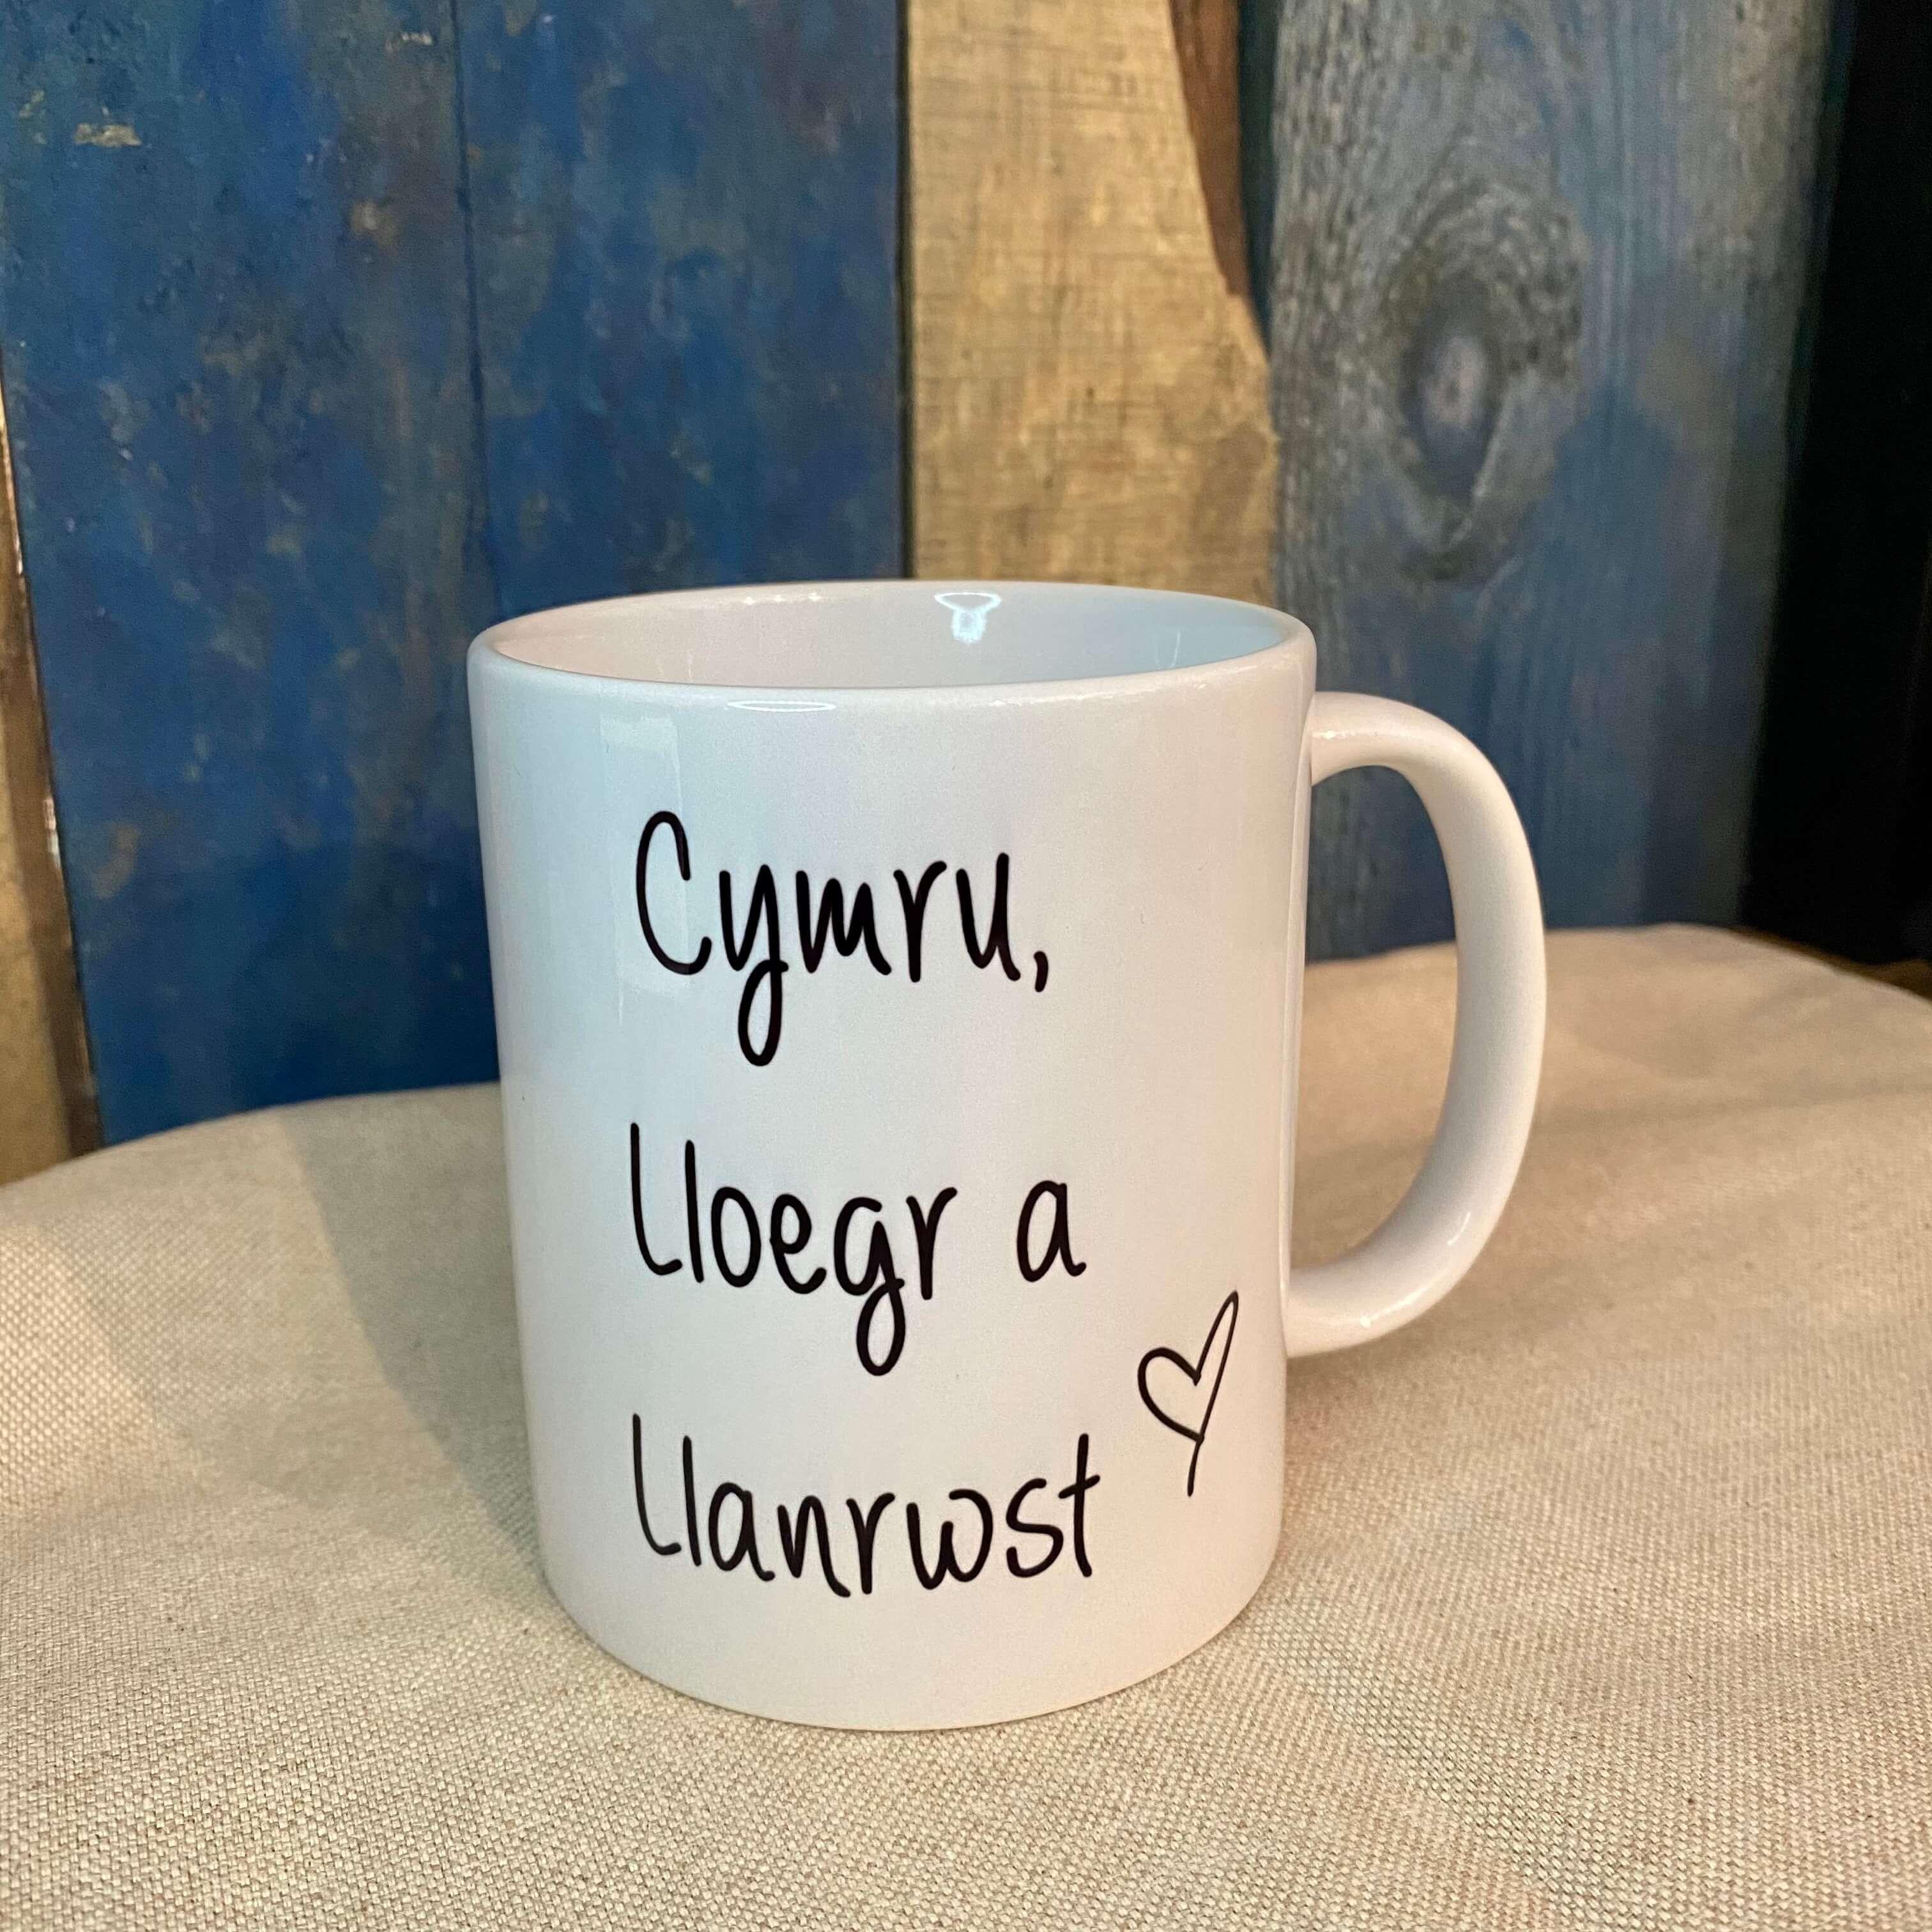 Cymru, Lloegr a Llanrwst Mug